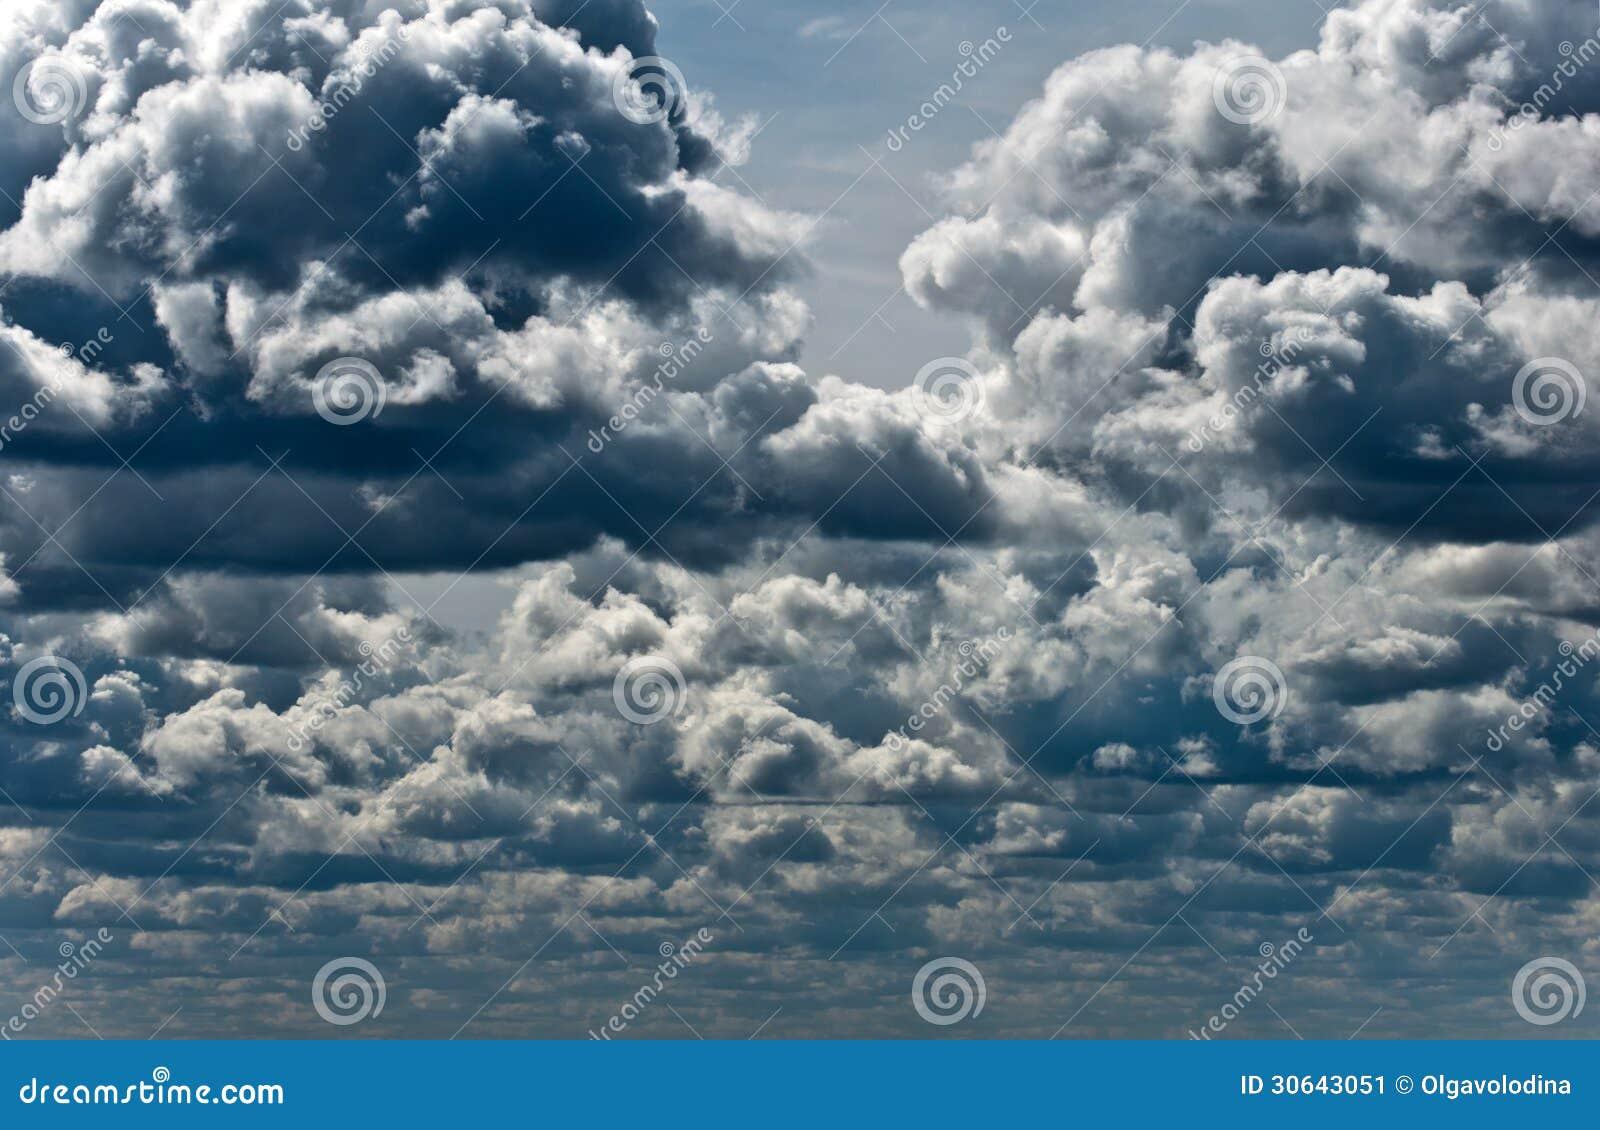 Σύννεφα θύελλας στο μπλε ουρανό